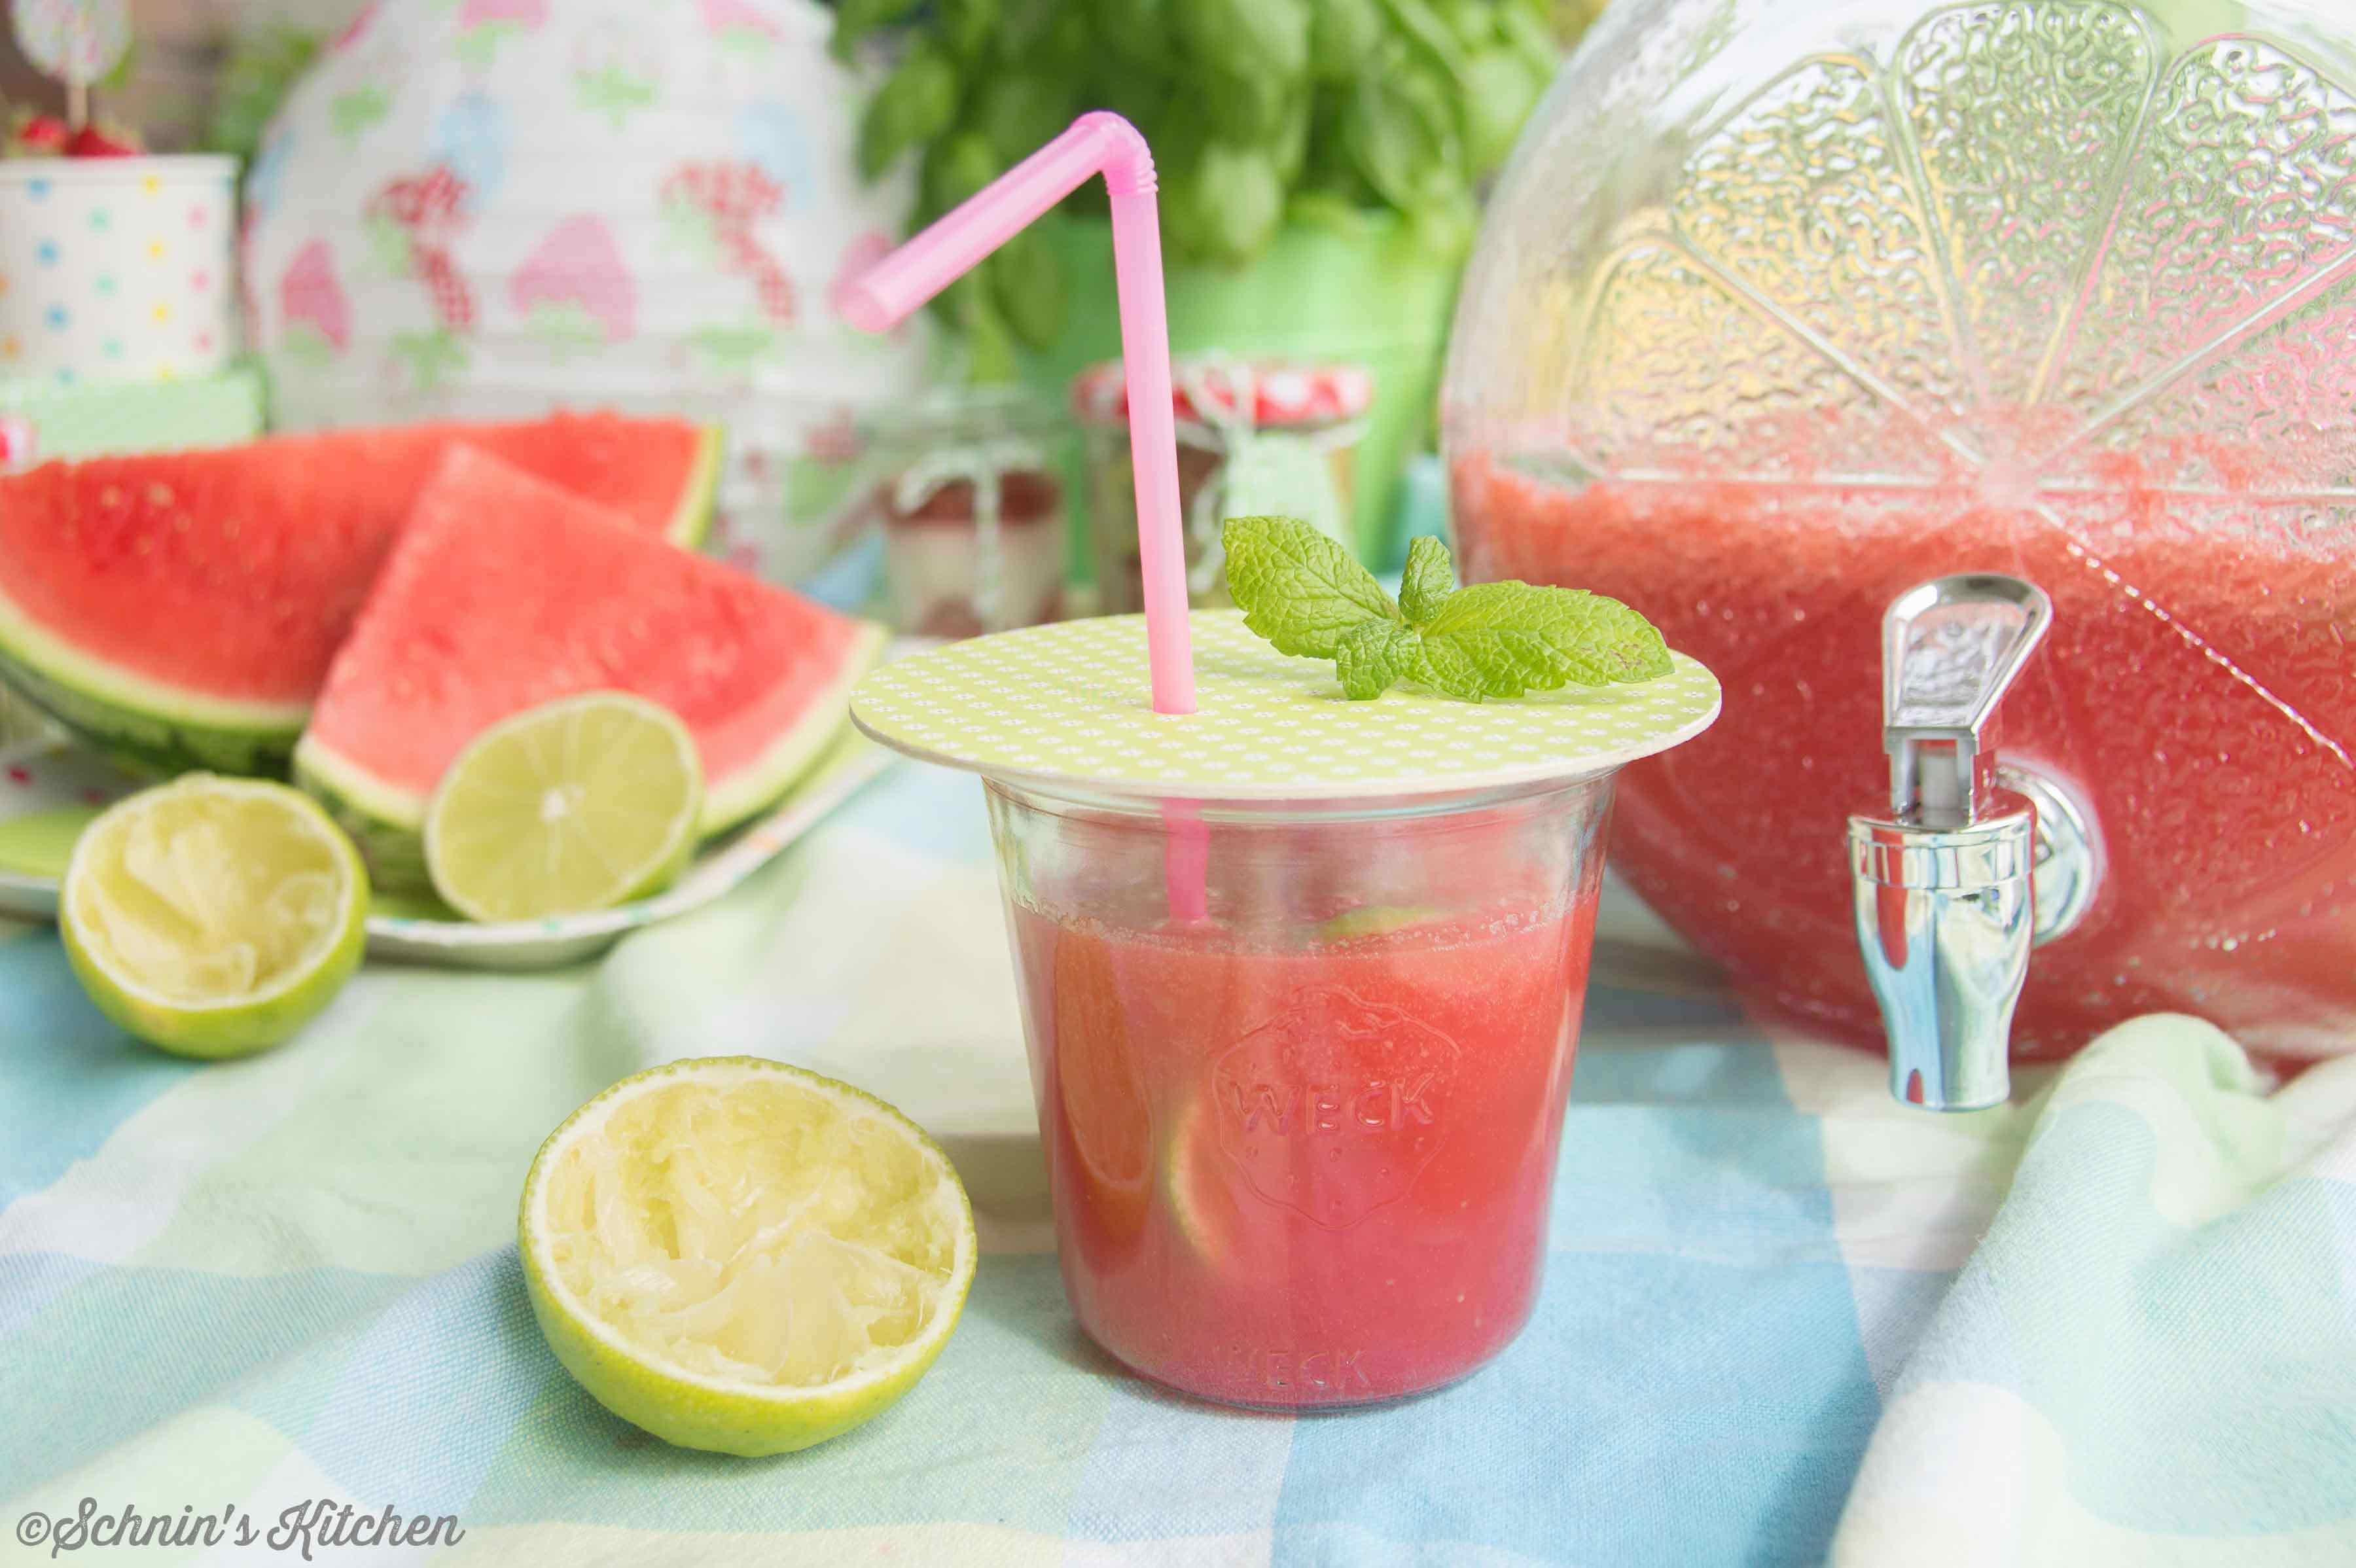 Schnin's Kitchen: Wassermelonen-Limonade mit Minze